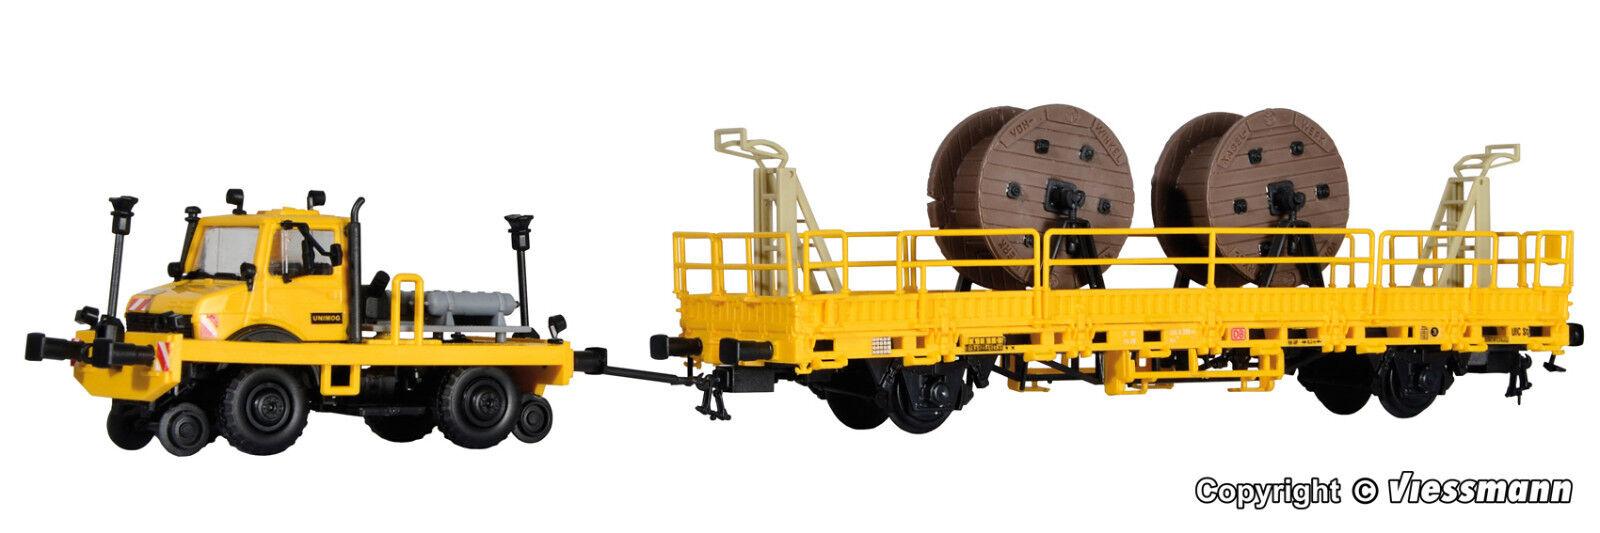 KIBRI h0 16062 2 voies UNIMOG avec train-, cisaillement cadre et fahrleitungsbauwag Nouveau Neuf dans sa boîte